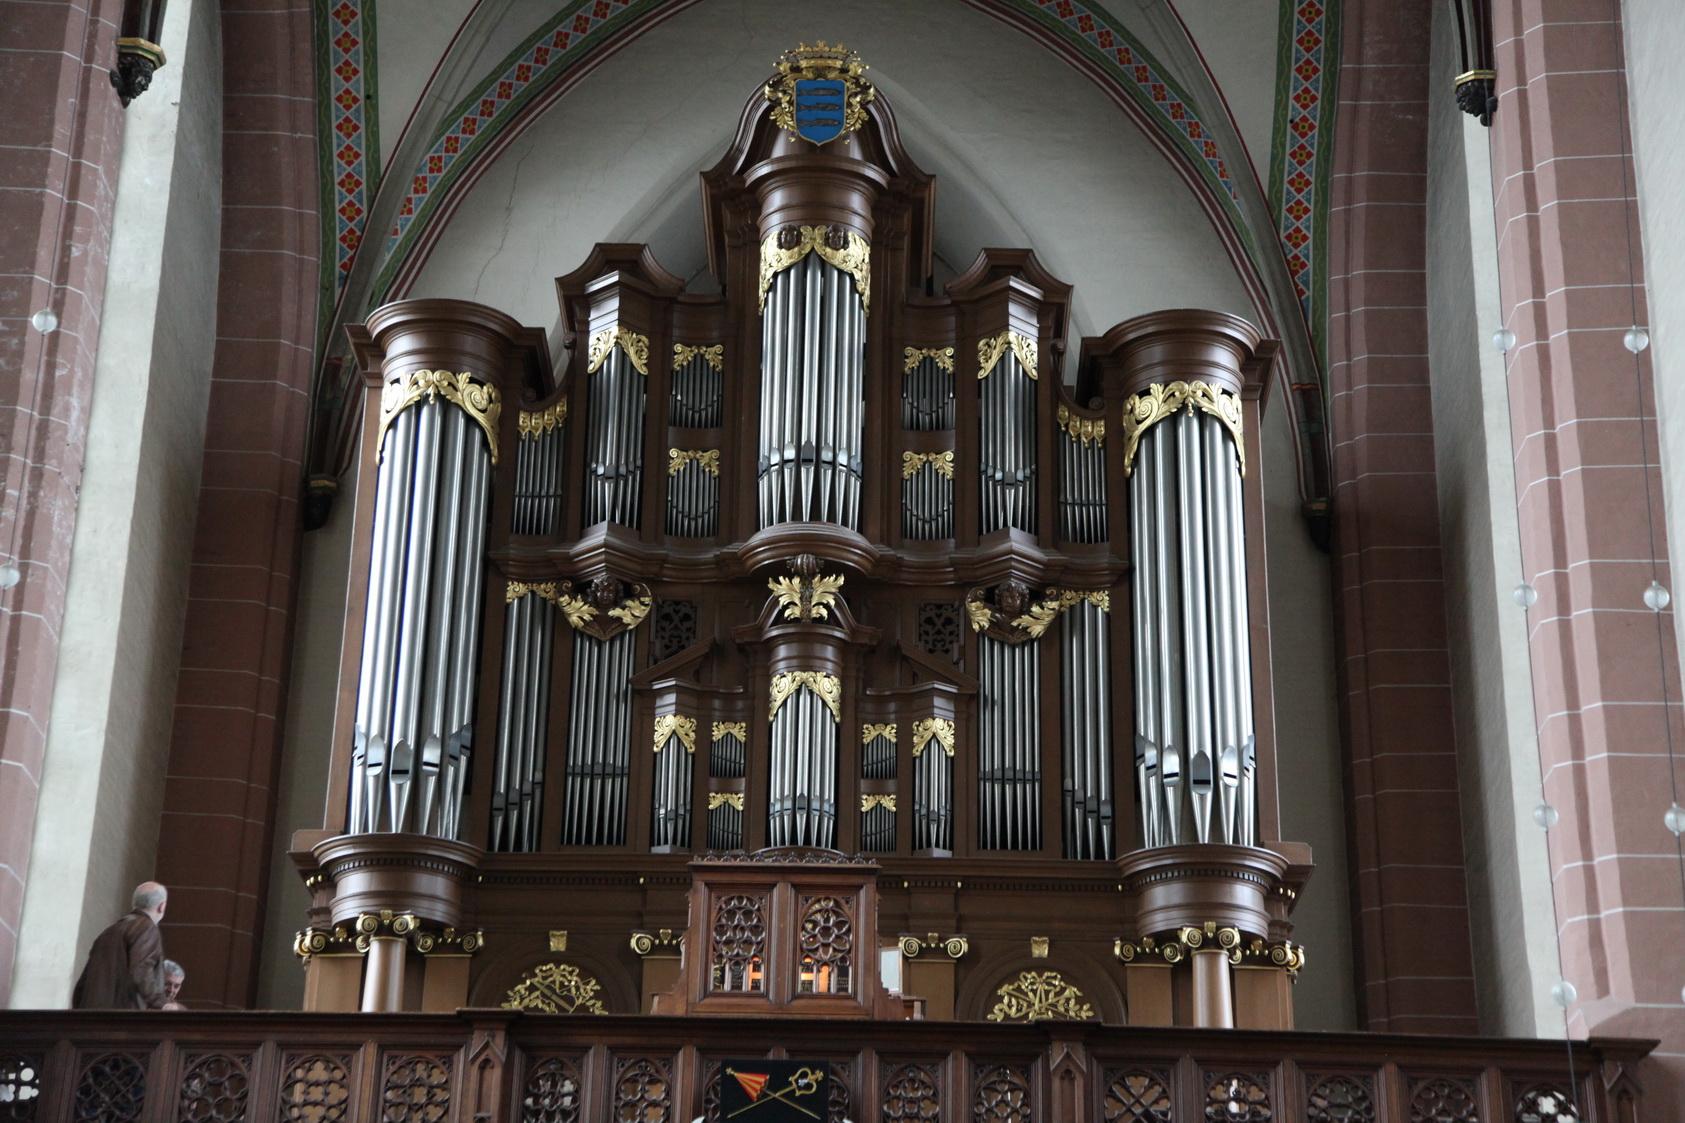 Het Maarschalkerweerdorgel (1896) in de OLV Basiliek in Zwolle